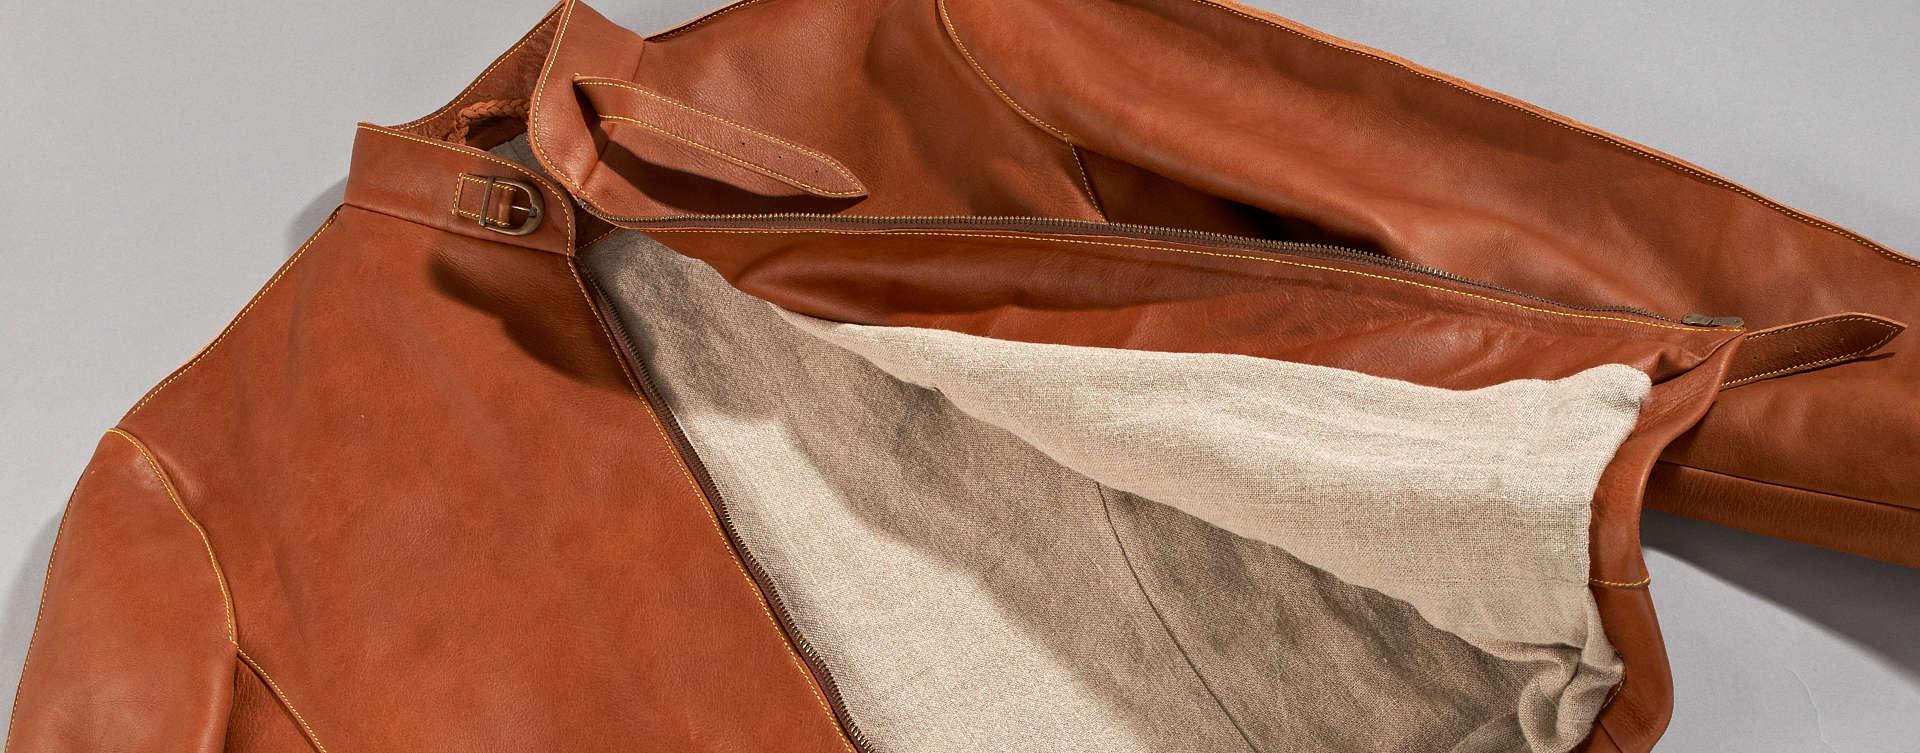 Passend zu unserem Vitallo-Fahrerschuh fertigen wir auch eine Fahrerjacke. Wie der Fahrerschuh wird sie komplett in Handarbeit in unserer Manufaktur hergestellt. Aus naturbelassenen Ledern maßgefertigt, besticht sie durch ihr puristisches Design und eine Verarbeitung die Ihresgleichen sucht.